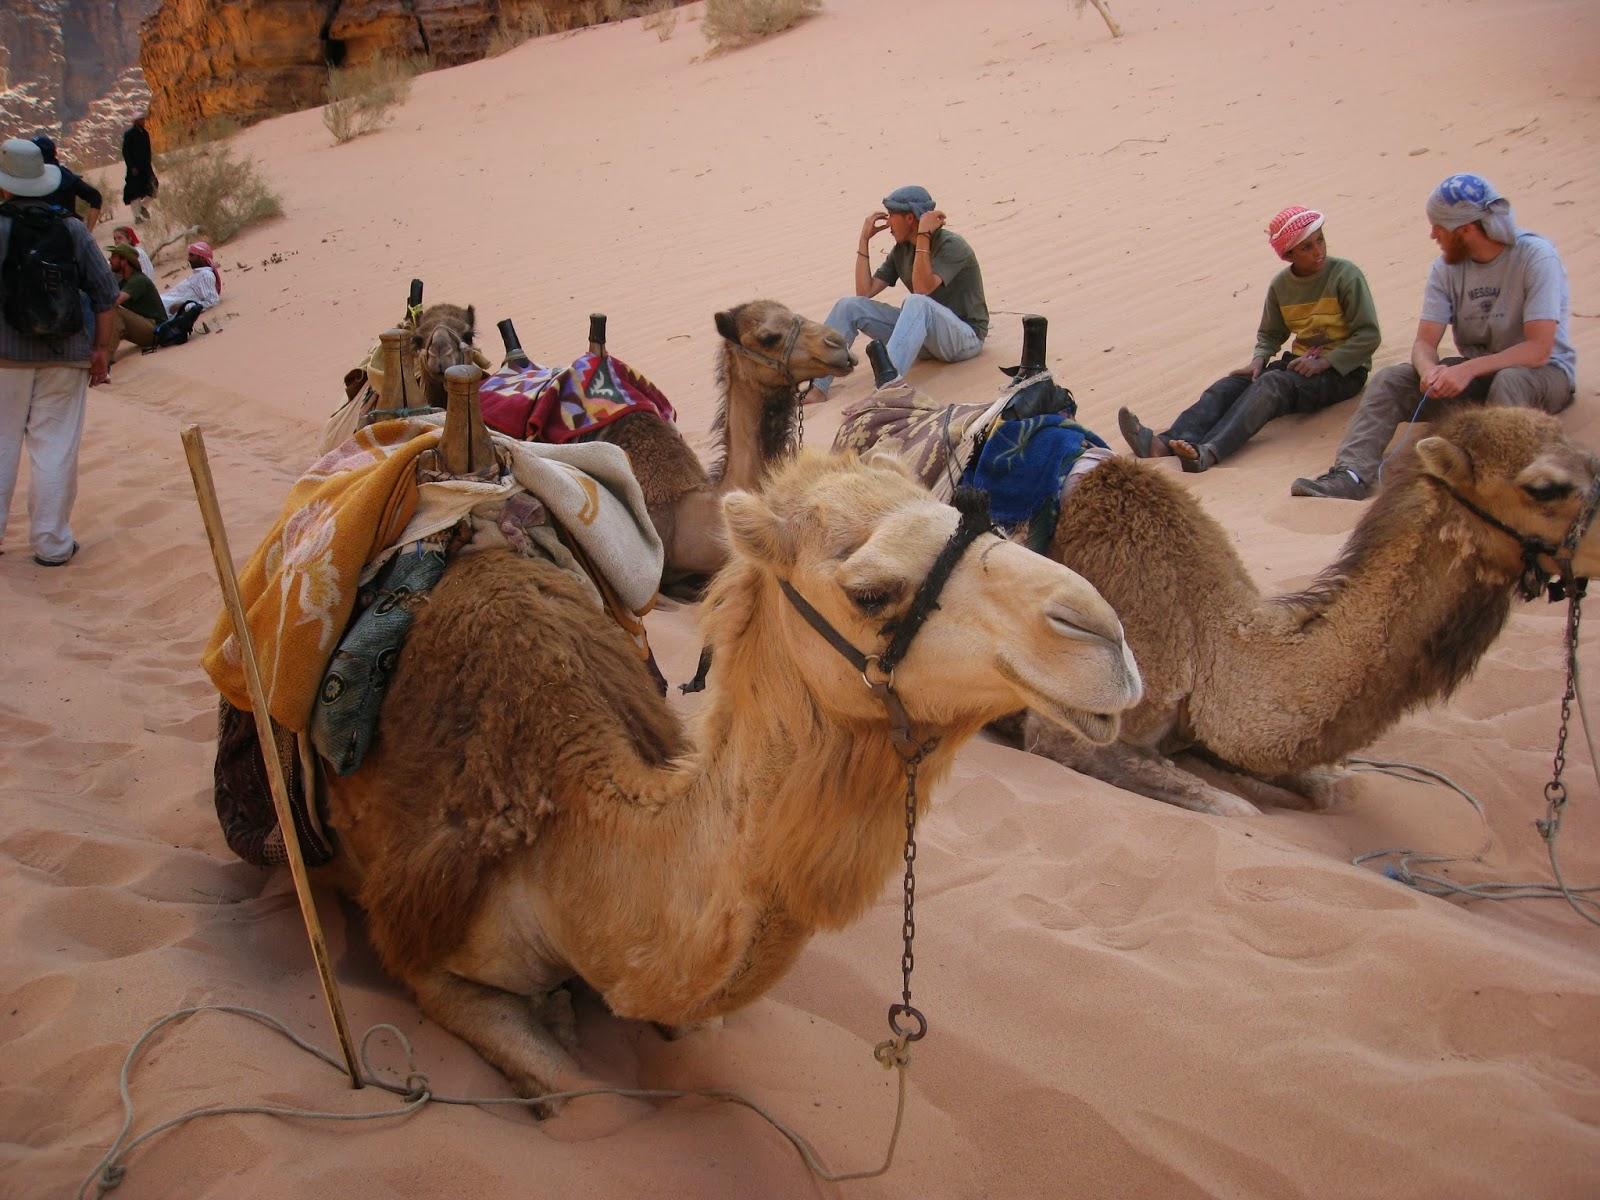 「以色列軍方駱駝」的圖片搜尋結果